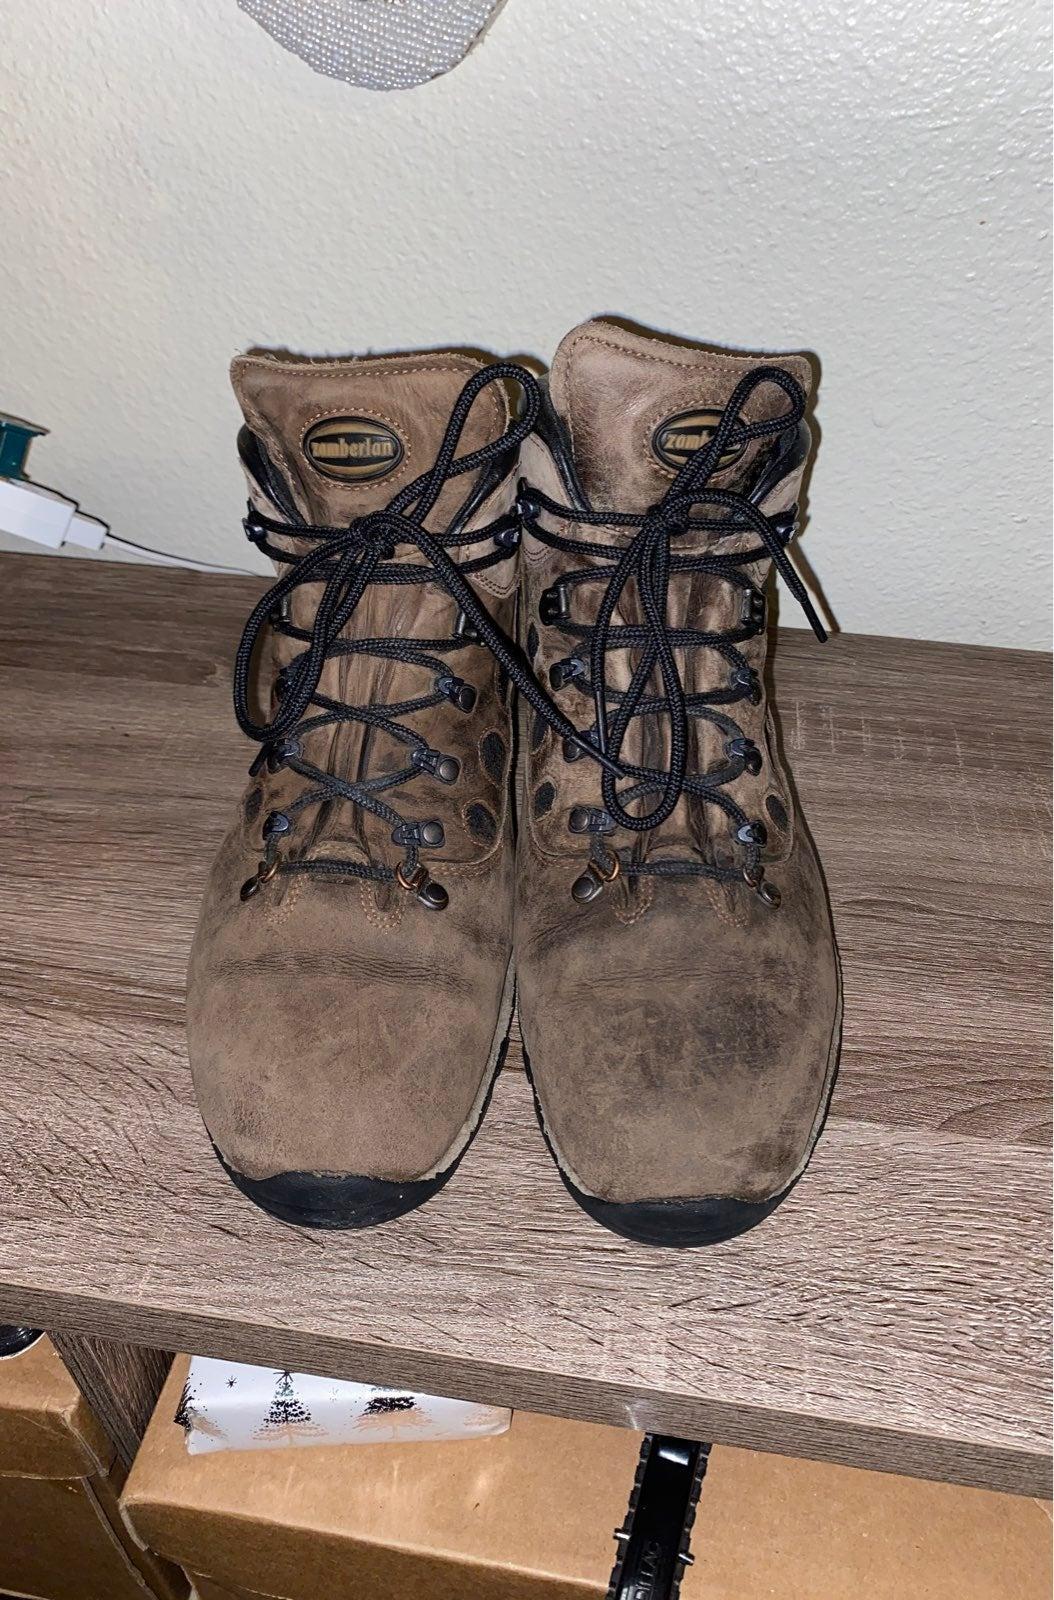 Zamberlan hikig boots